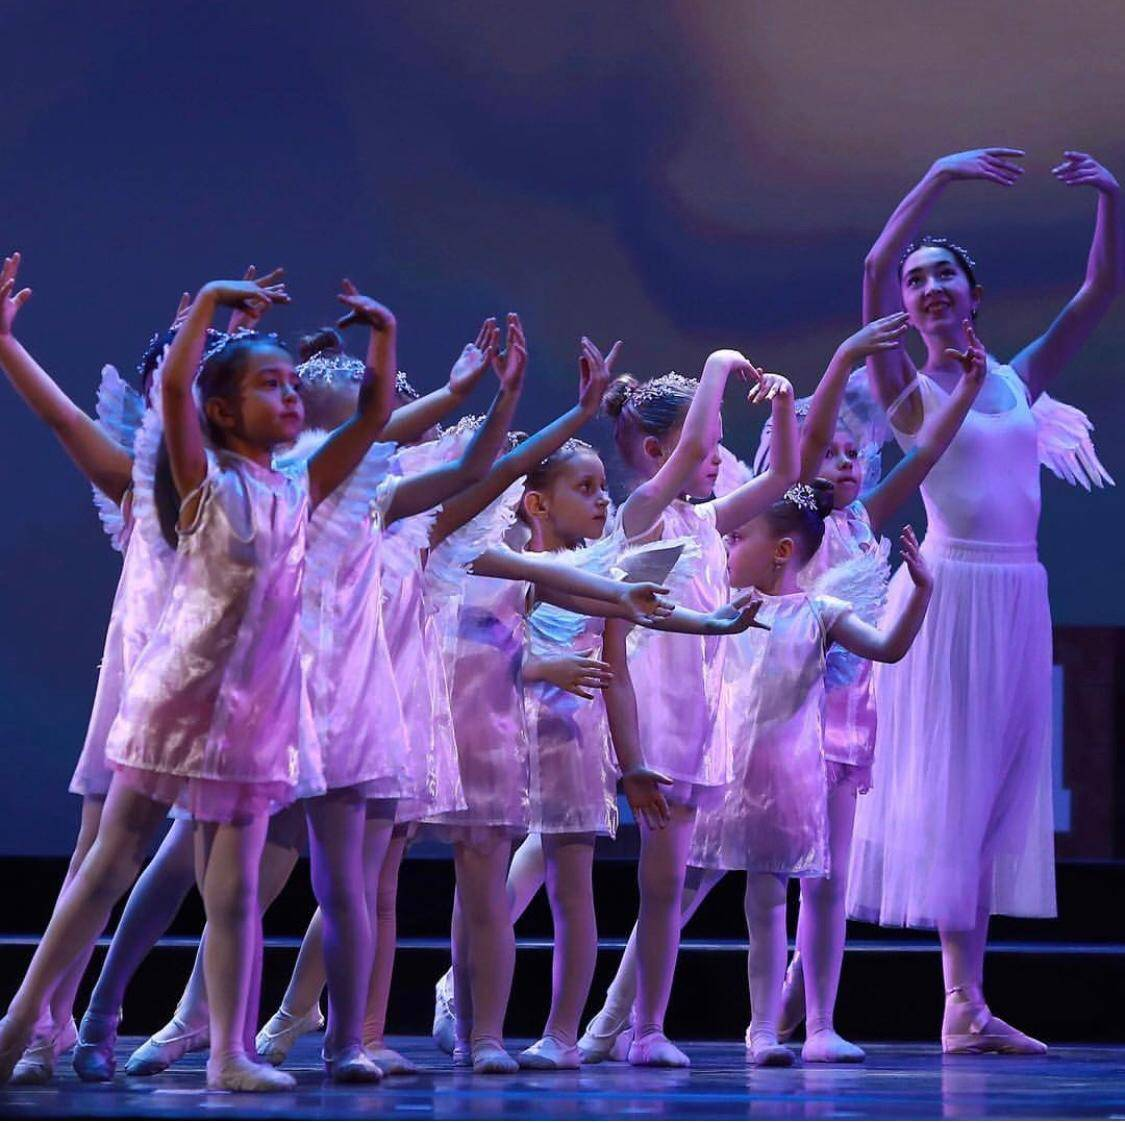 100 балерин от 3 лет на сцене Кремля в благотворительном проекте «Мы все из одной глины»